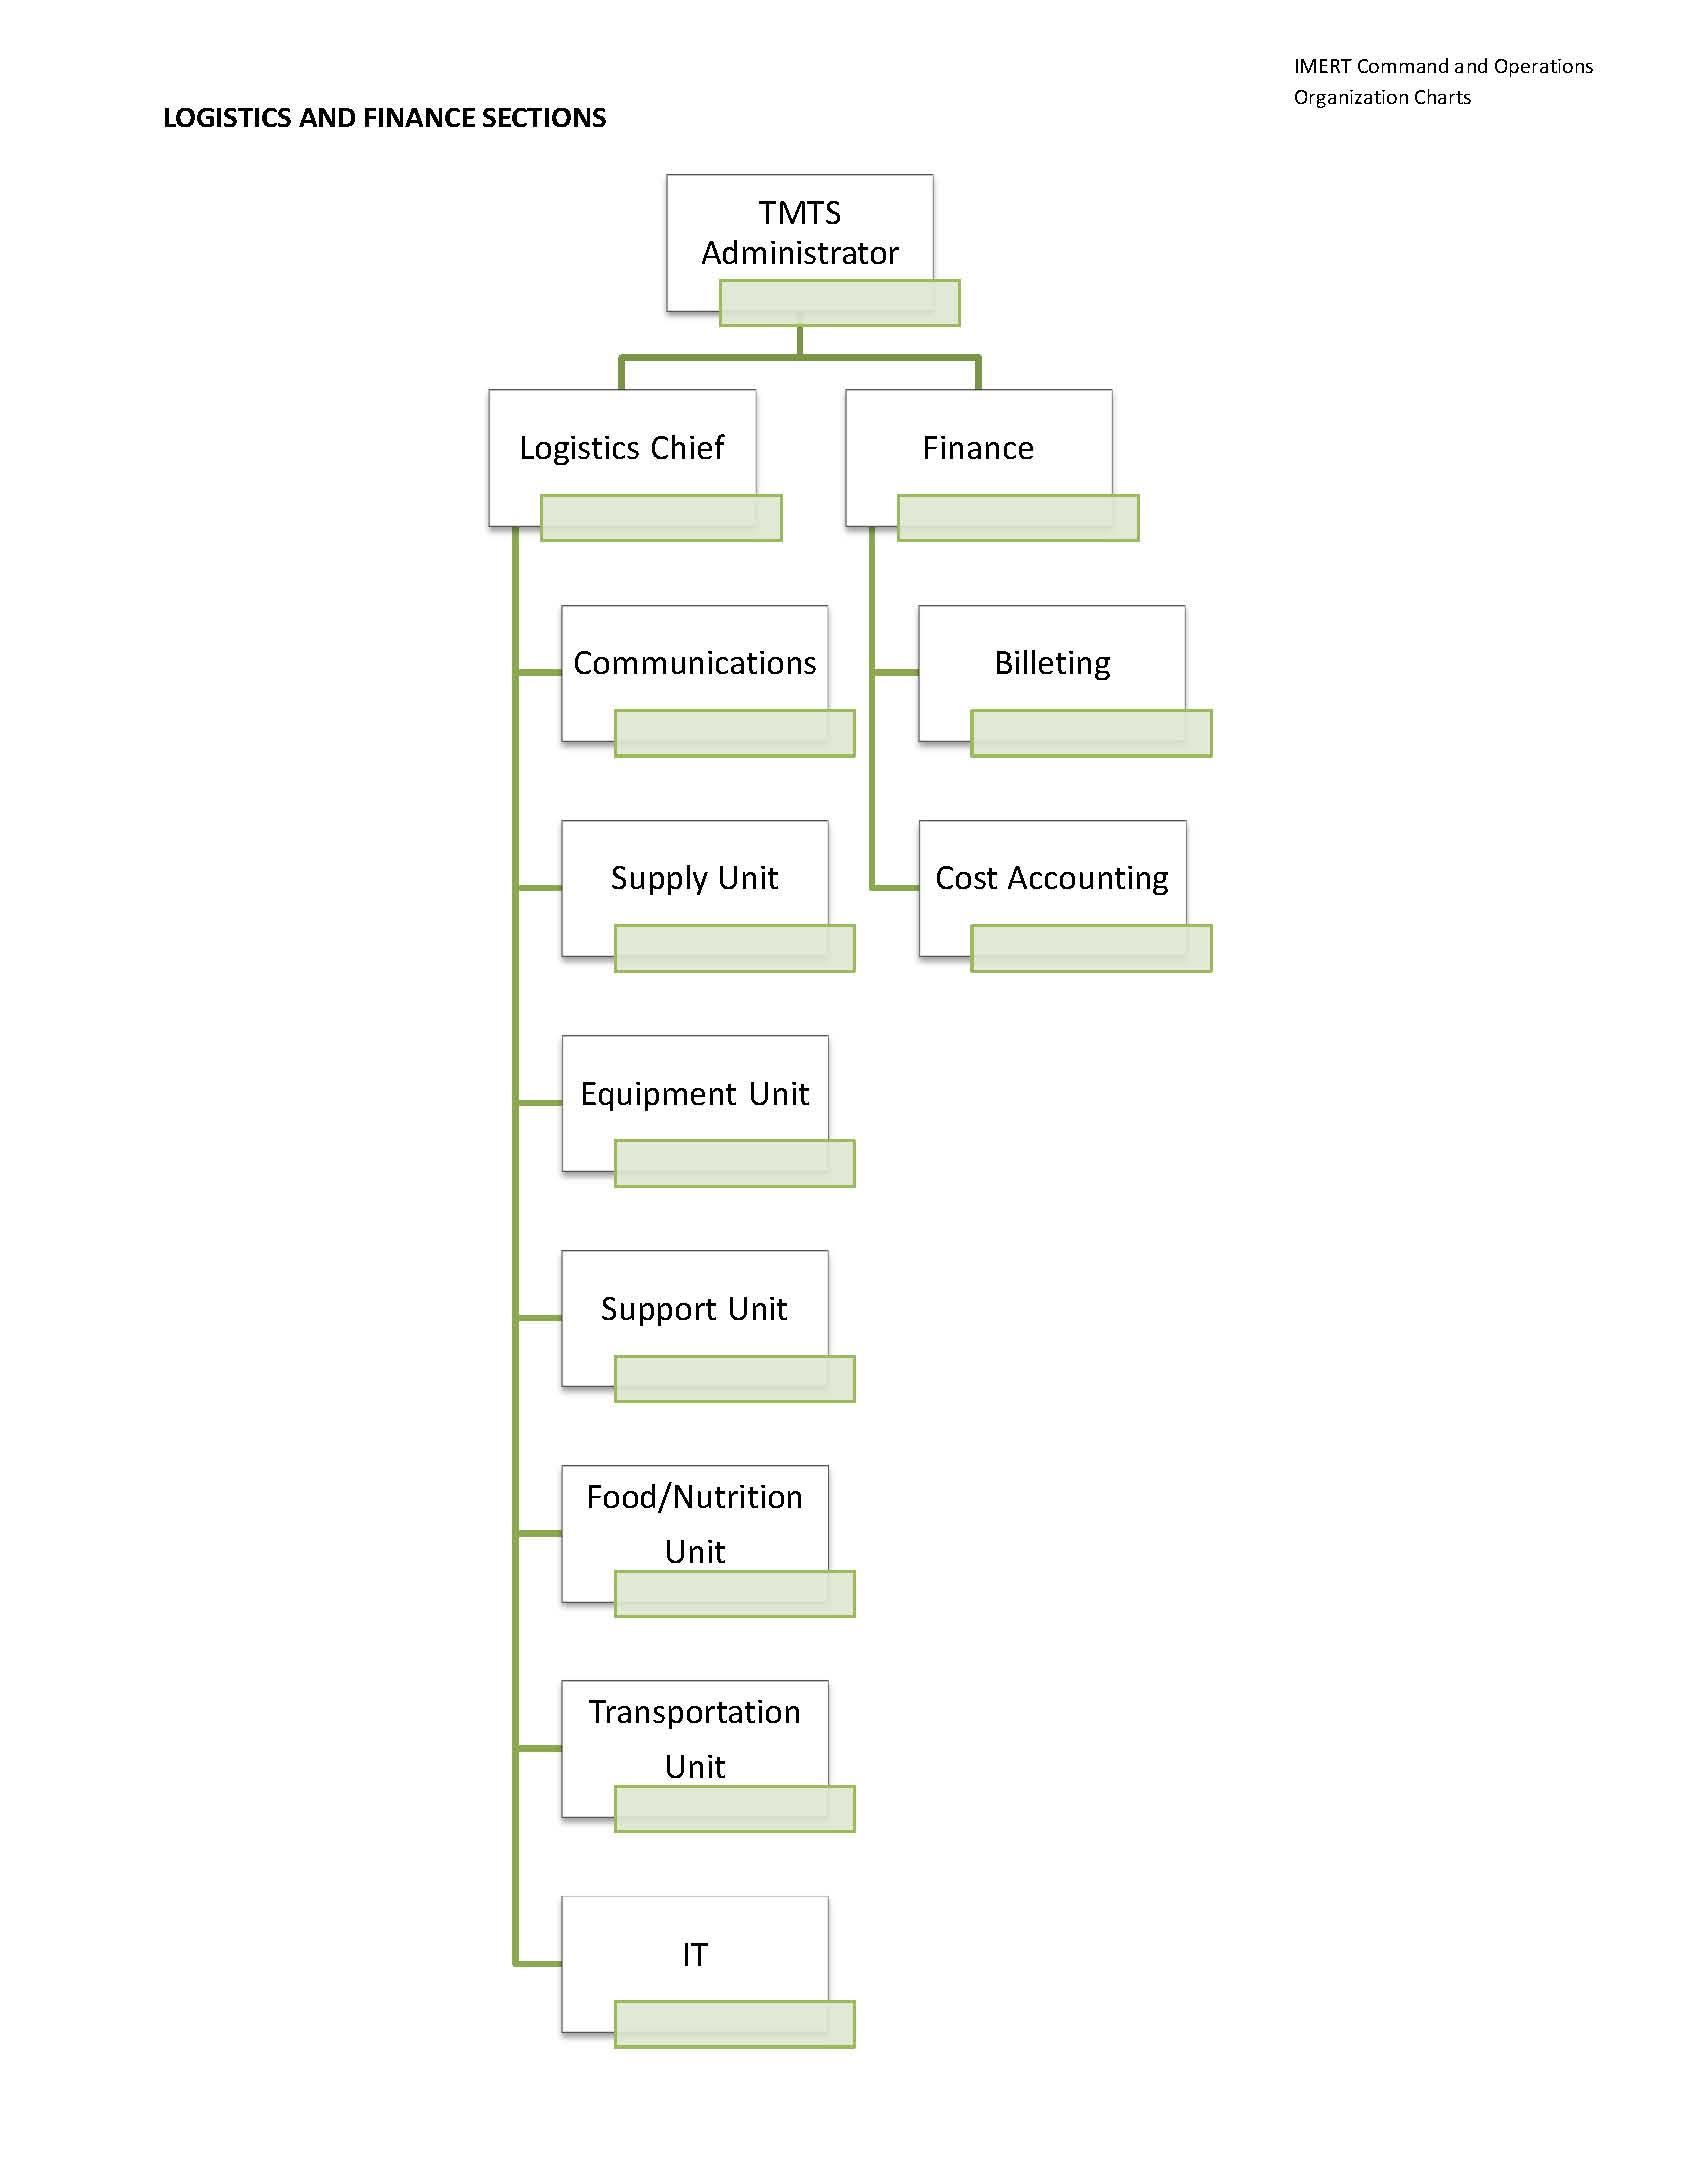 Logistics and Finance